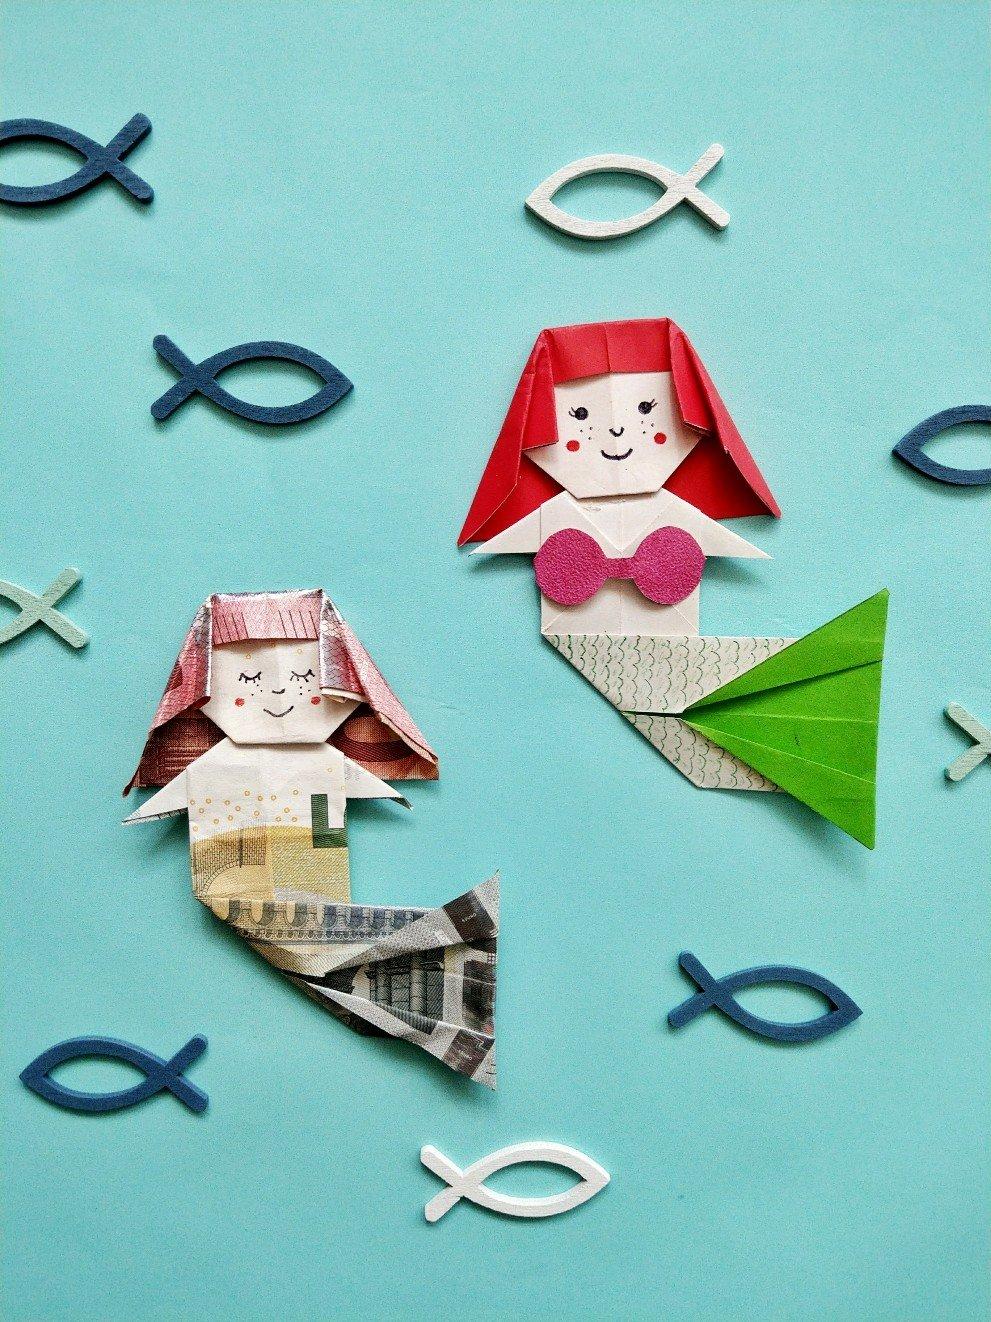 Origami Meerjungfrau aus Geld oder Papier. Tolles Geschenk oder als Spiel für eine Meerjungfrauenparty